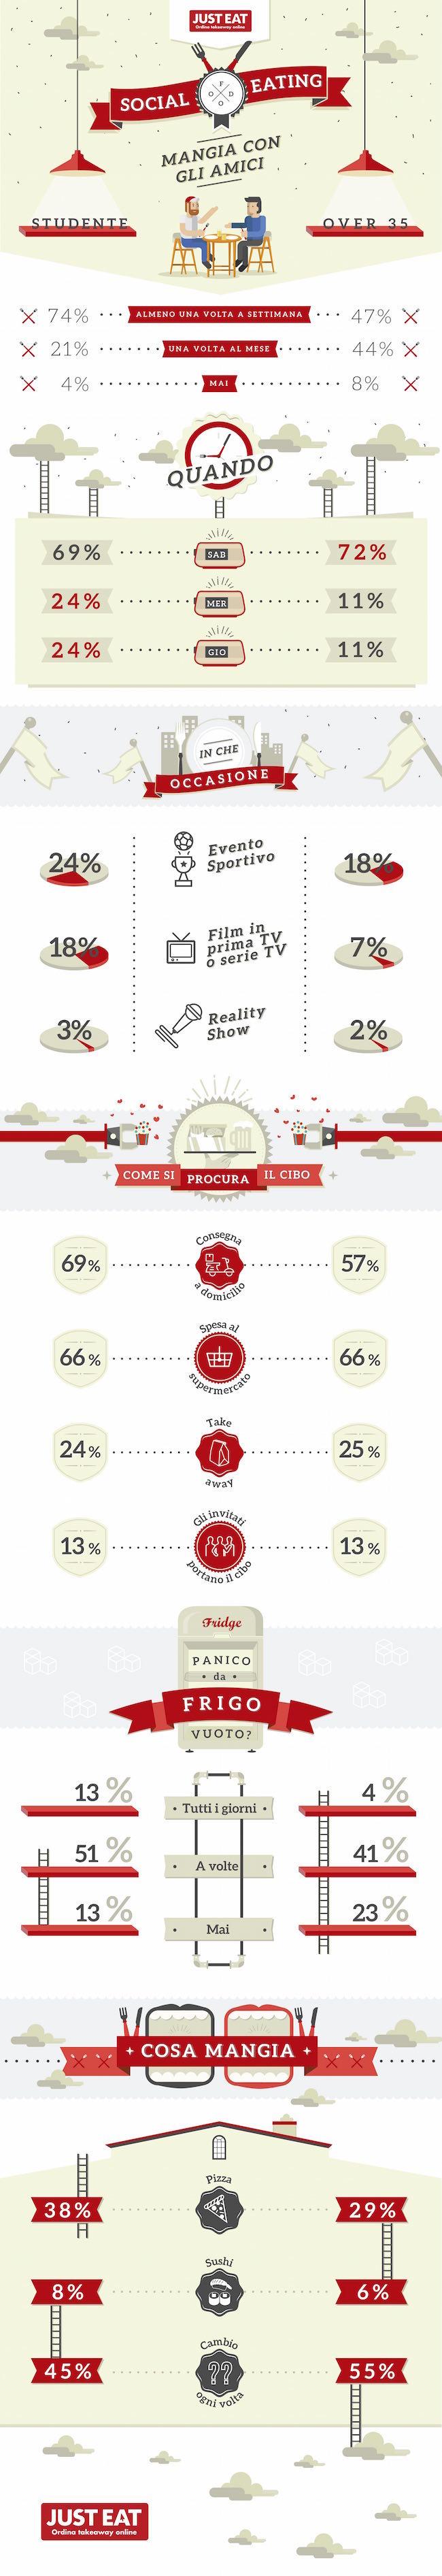 JE_infografica_final_full